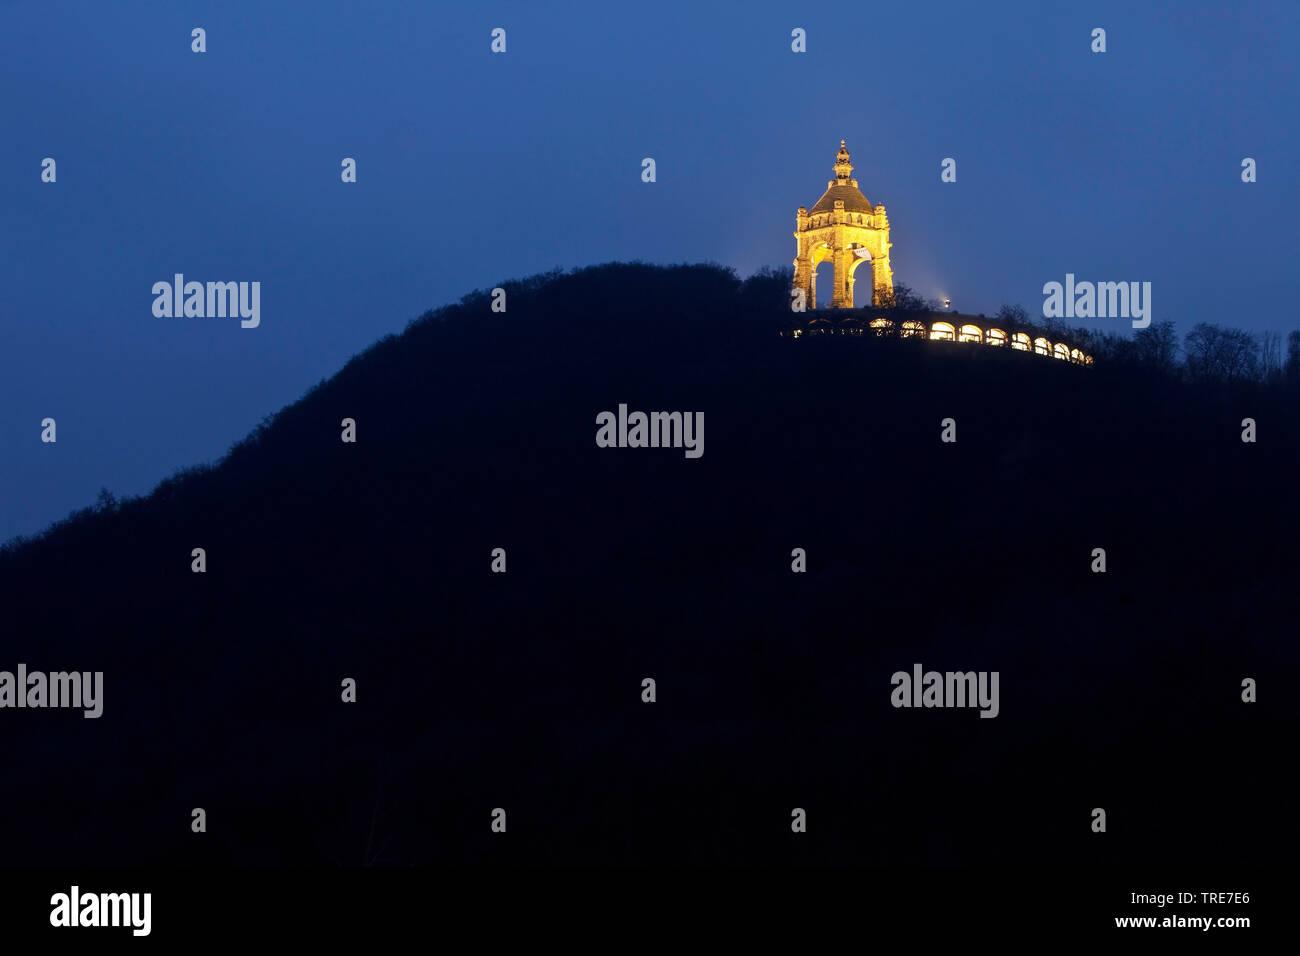 Beleuchtetes Kaiser-Wilhelm-Denkmal am Abend, Deutschland, Nordrhein-Westfalen, Ostwestfalen, Porta Westfalica | illuminated Emperor William Monument - Stock Image